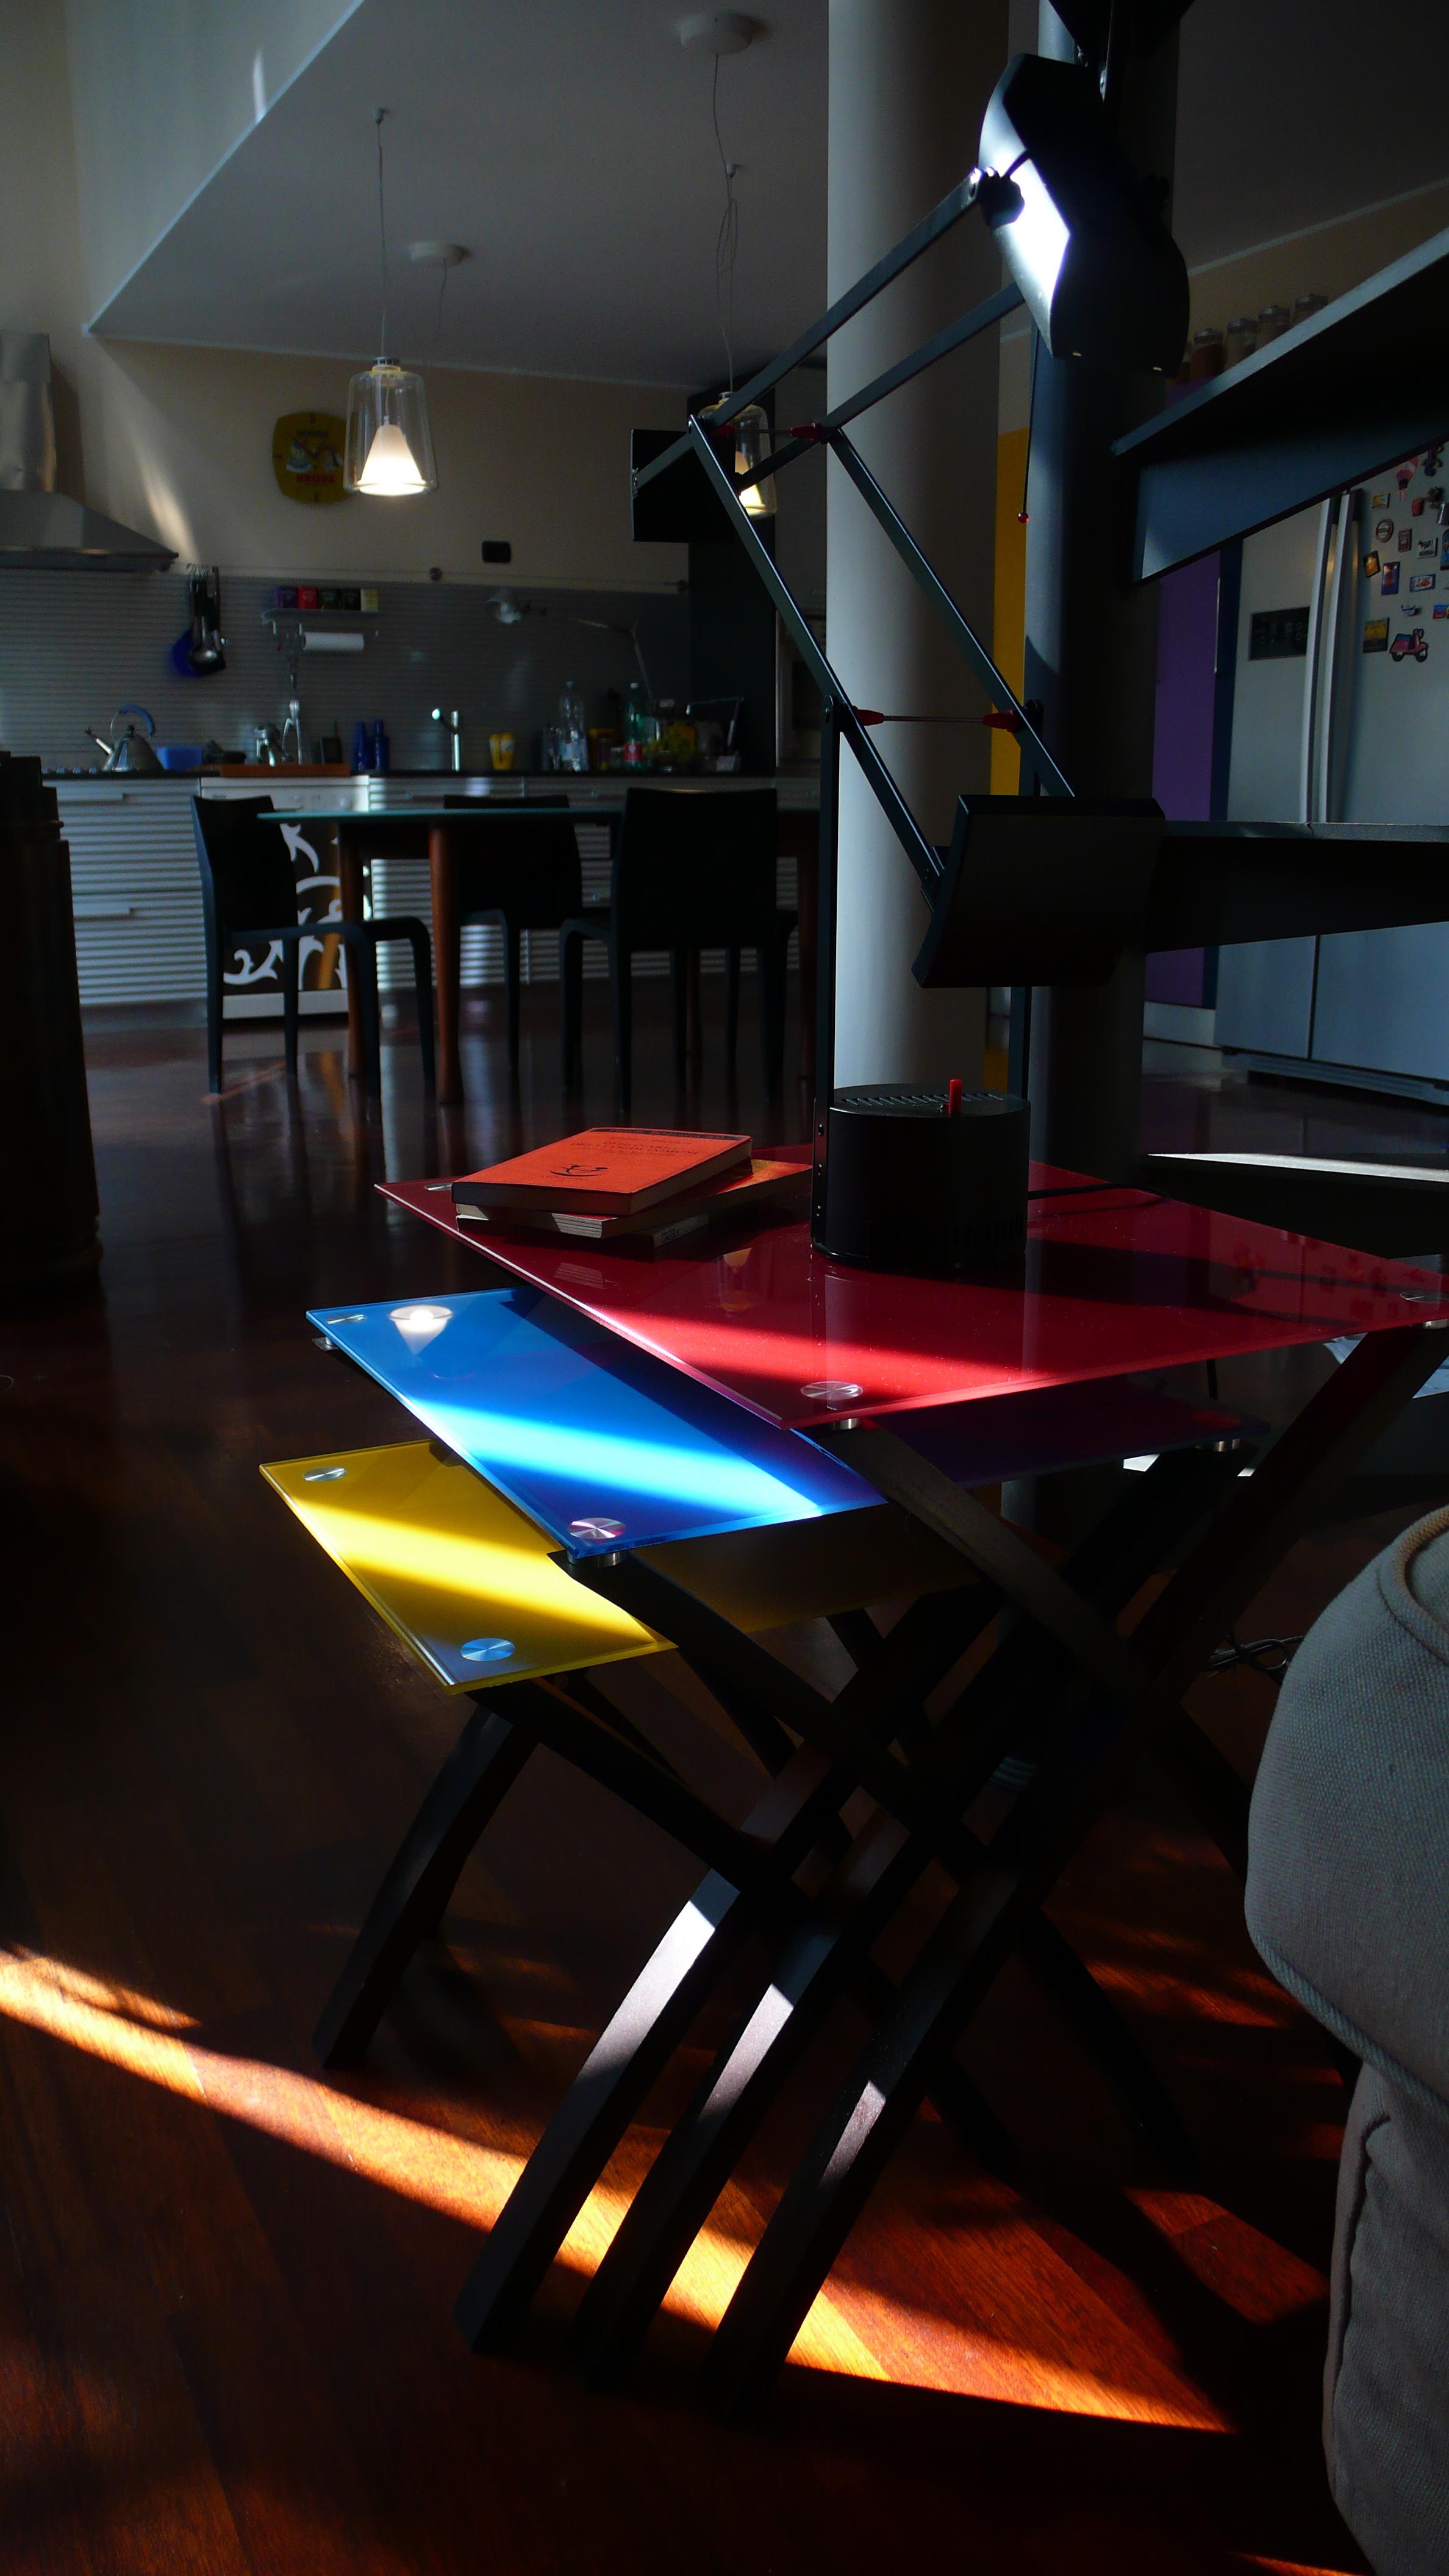 Dettaglio tavolini